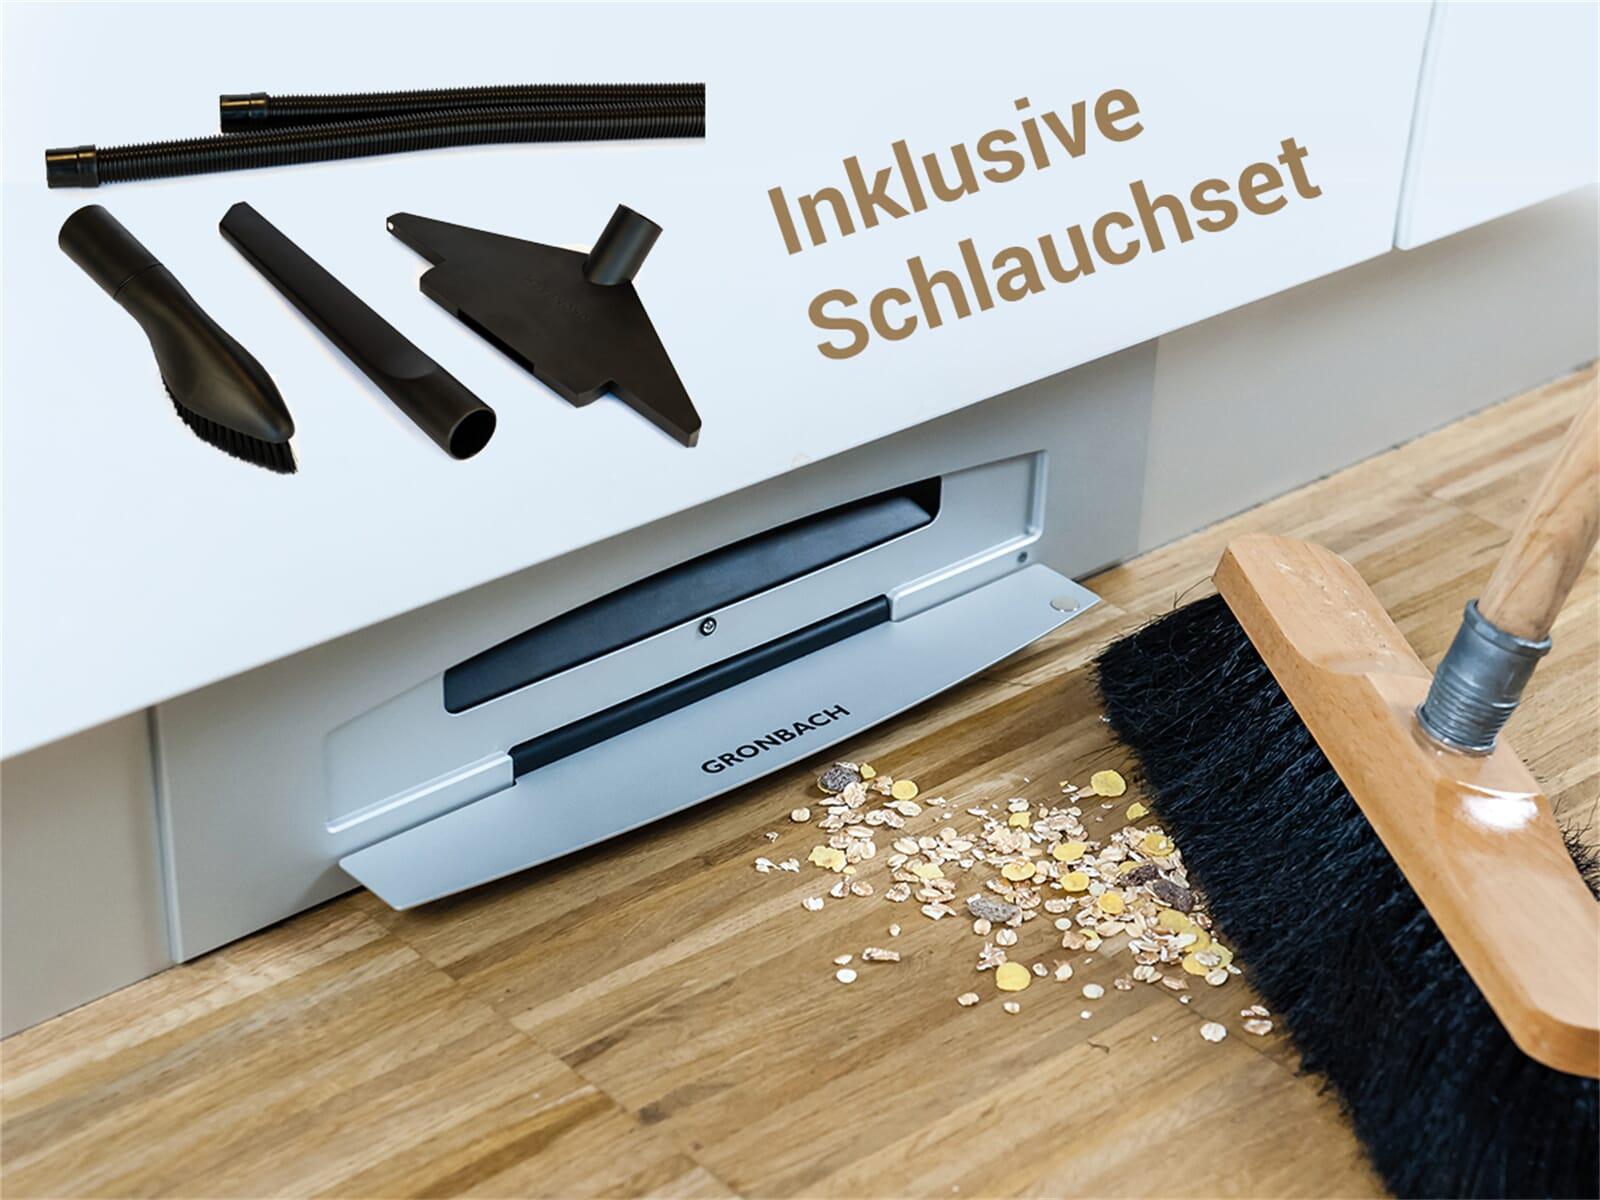 Gronbach Sockelsauger E6 Aluminium + Schlauchset